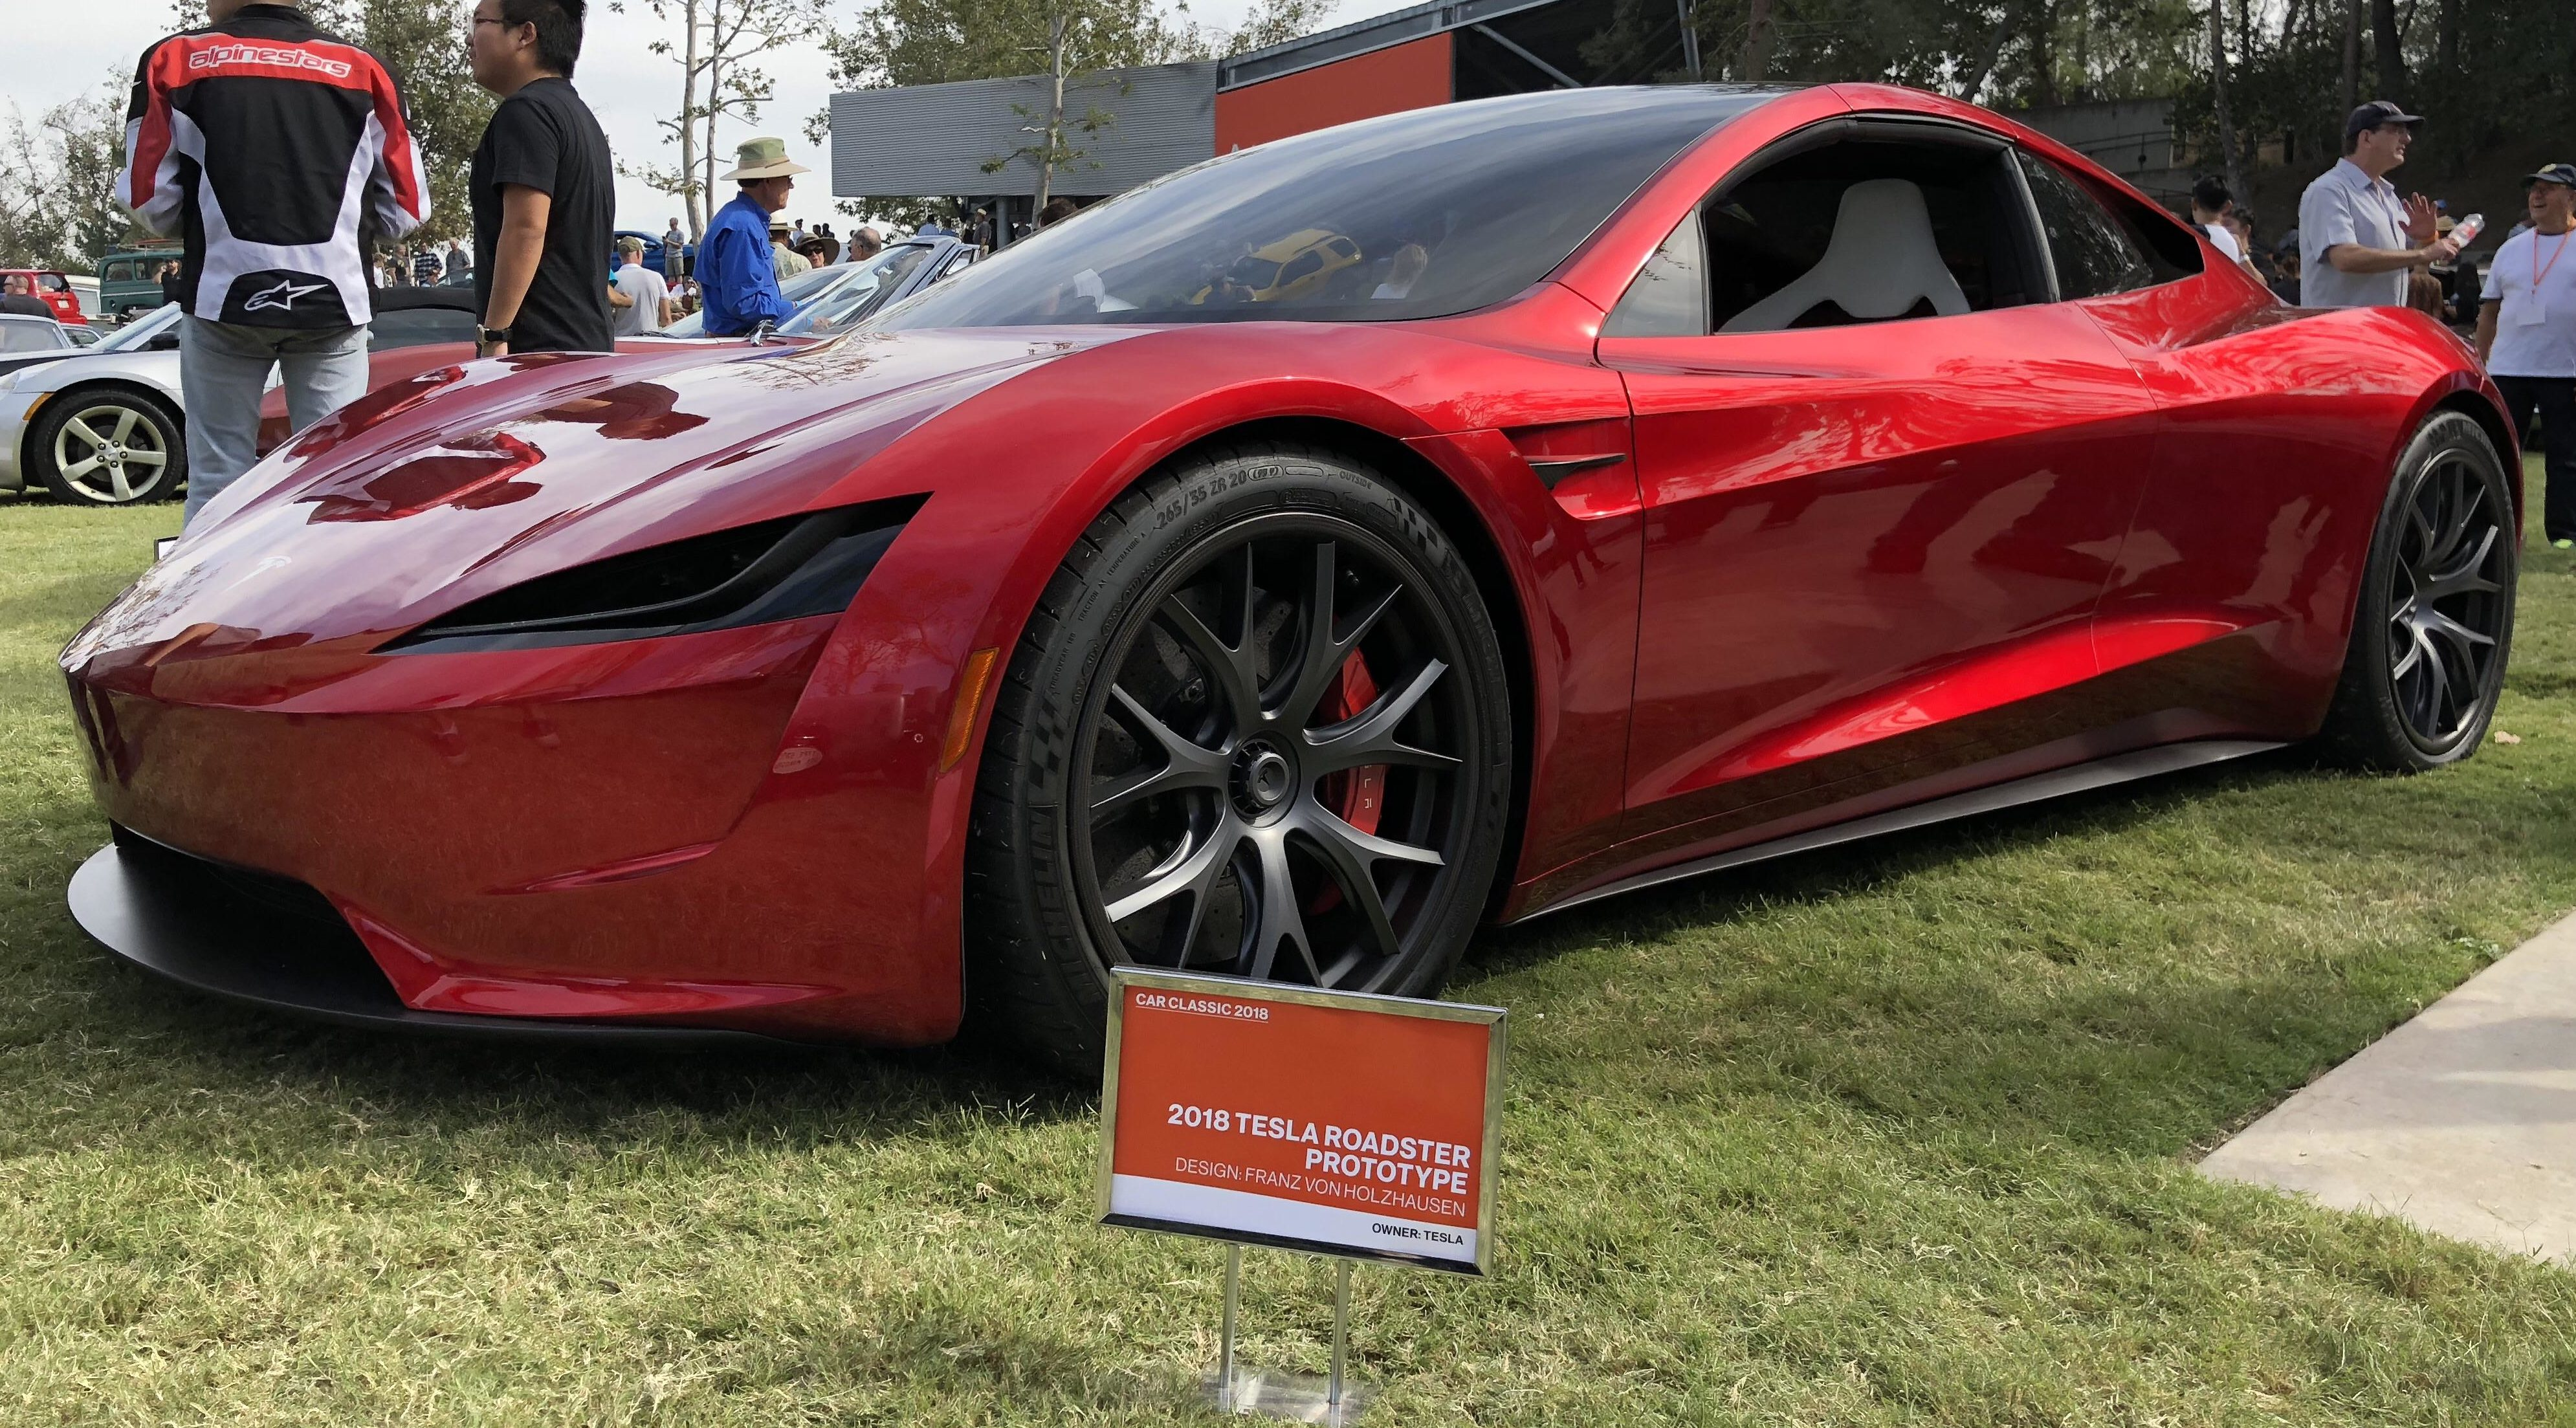 Tesla's next-gen Roadster stuns crowd at famed ArtCenter in